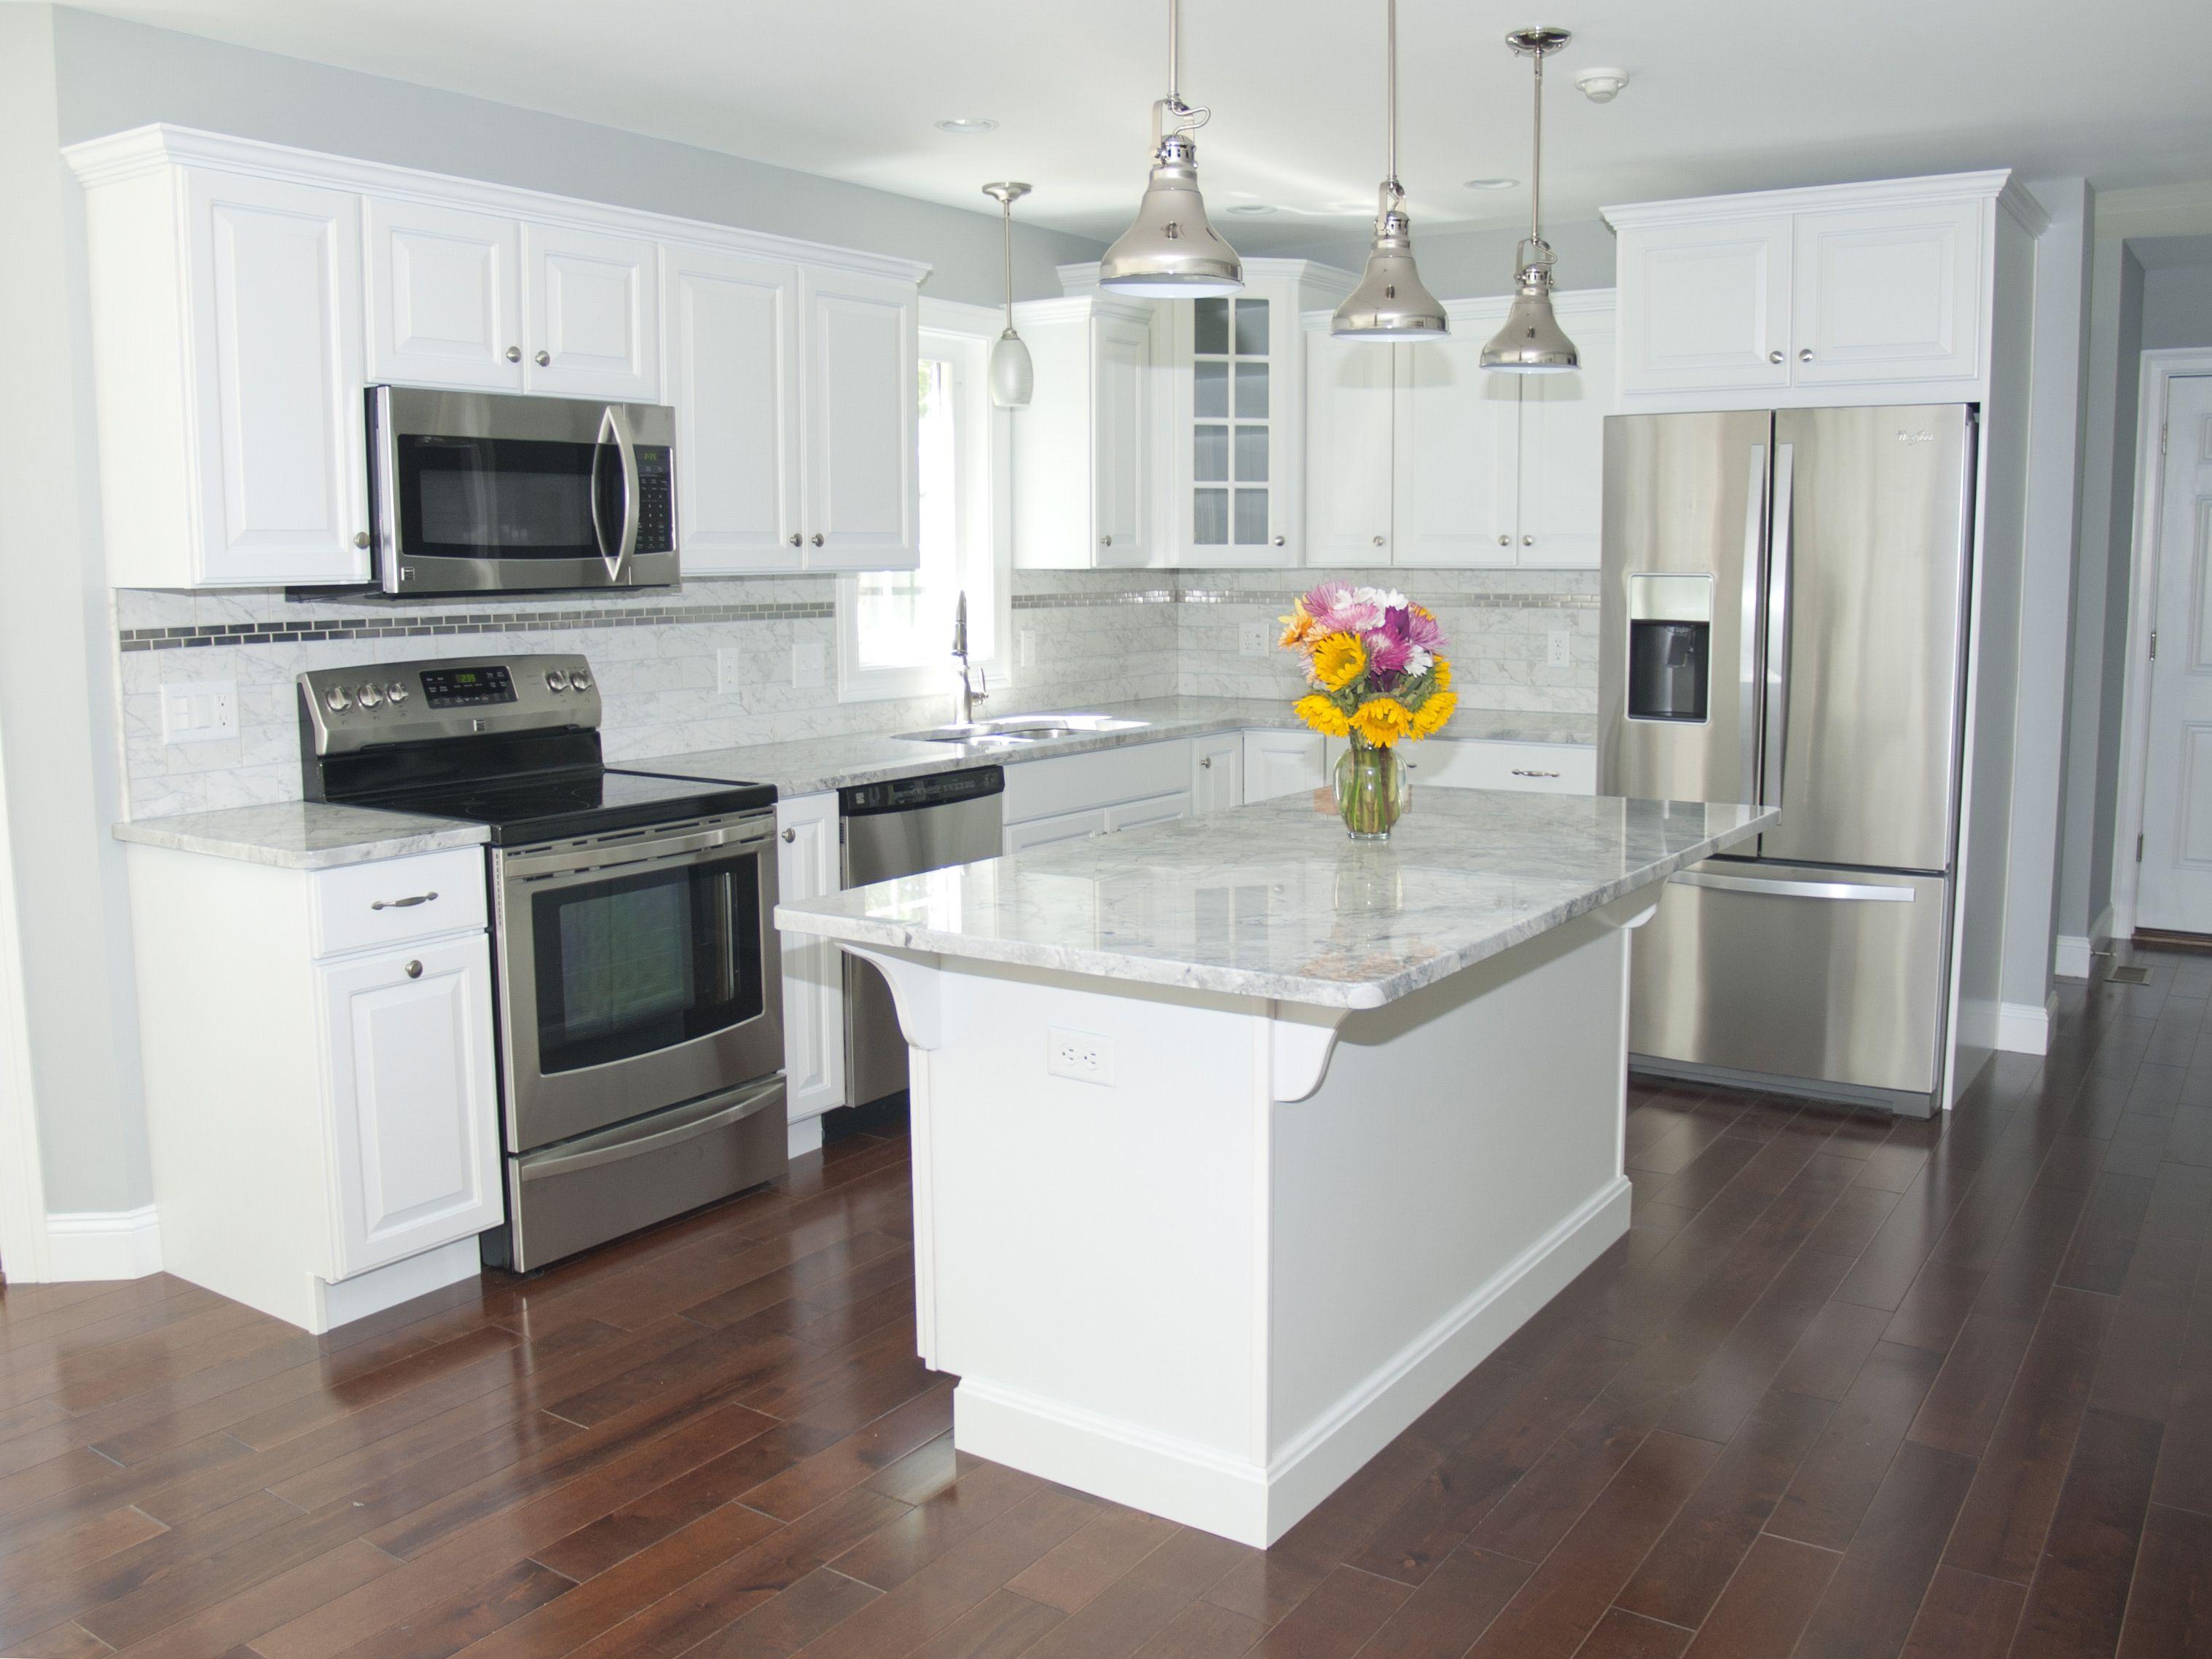 Download Wallpaper White Kitchen Silver Appliances